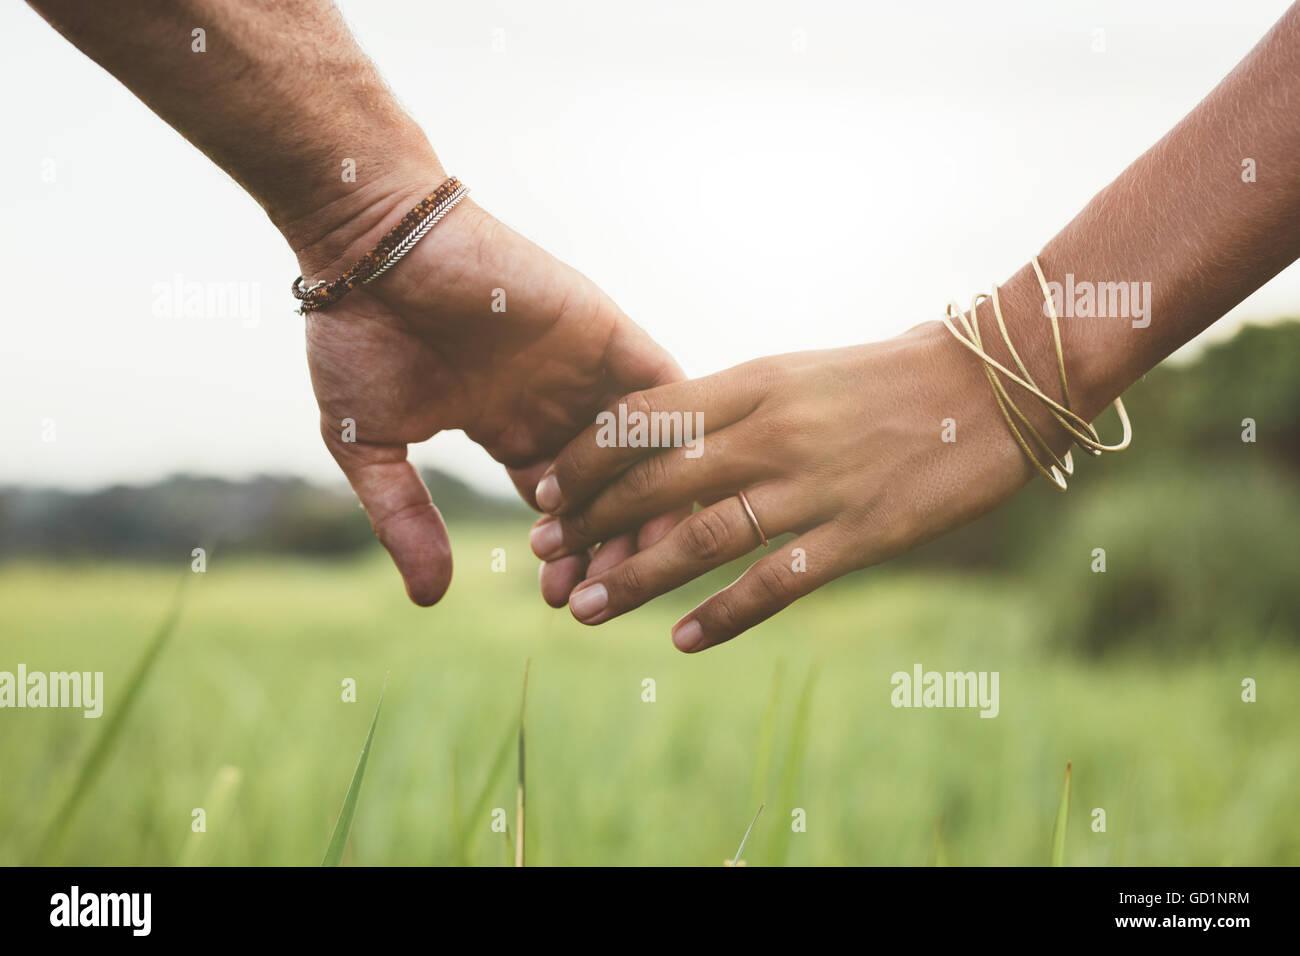 Inquadratura orizzontale di coppia giovane camminando attraverso il prato tenendo le mani con focus su mani . Immagini Stock